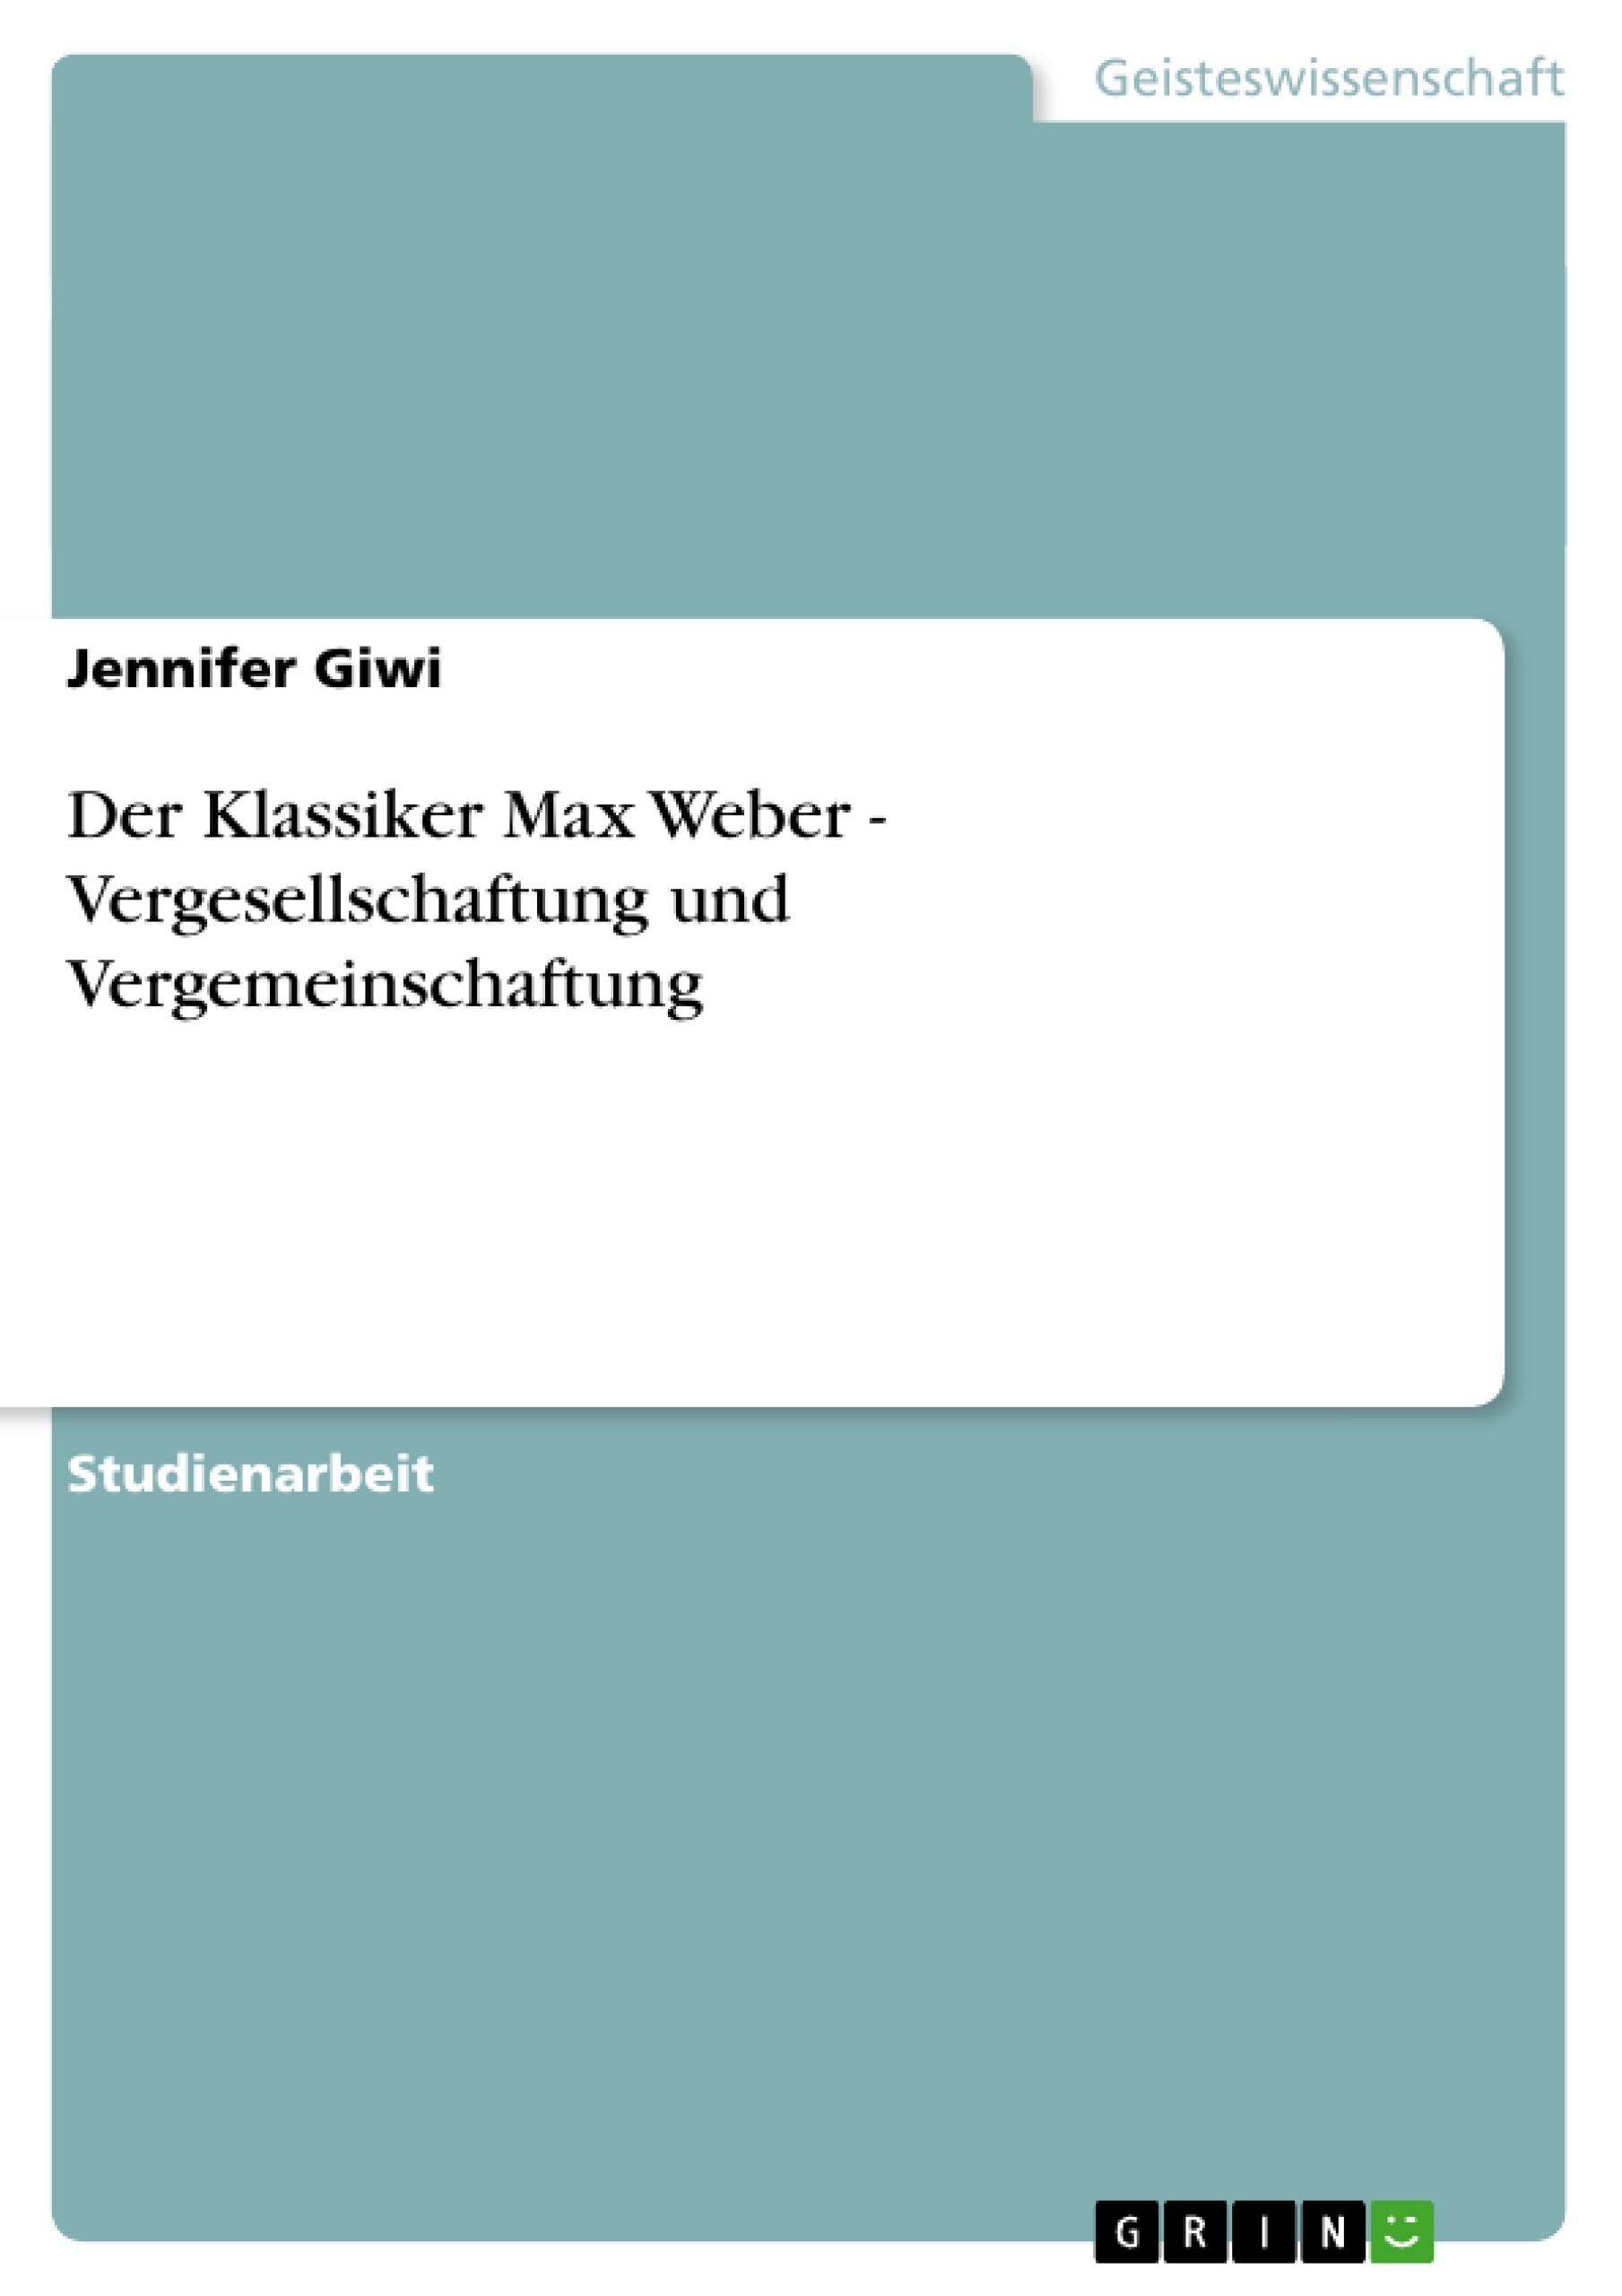 Titel: Der Klassiker Max Weber - Vergesellschaftung und Vergemeinschaftung